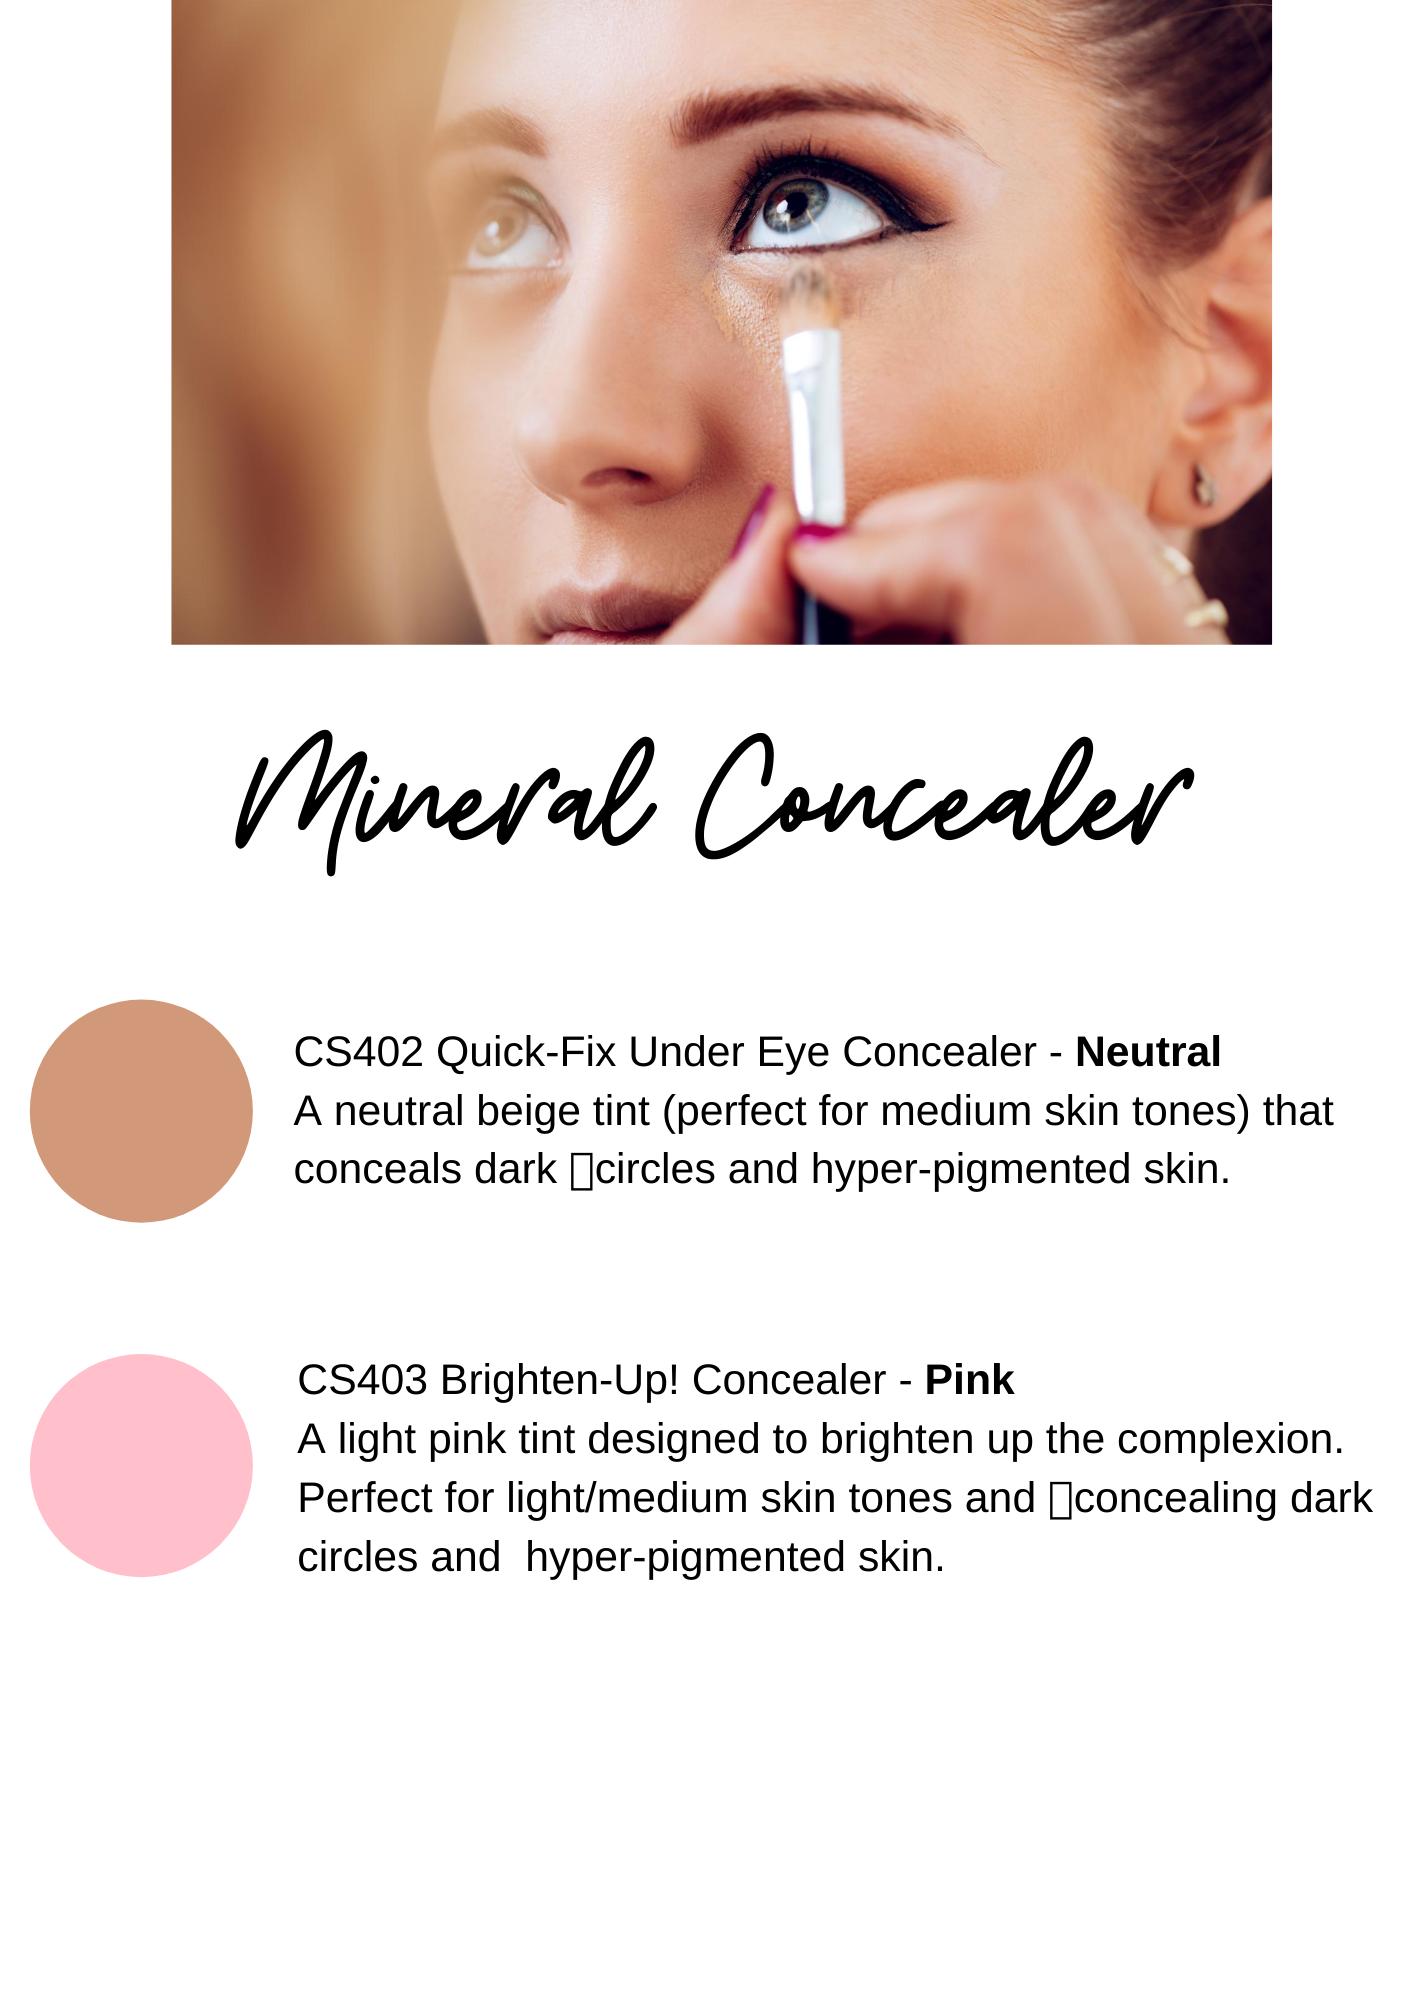 mineral-concealer2.png